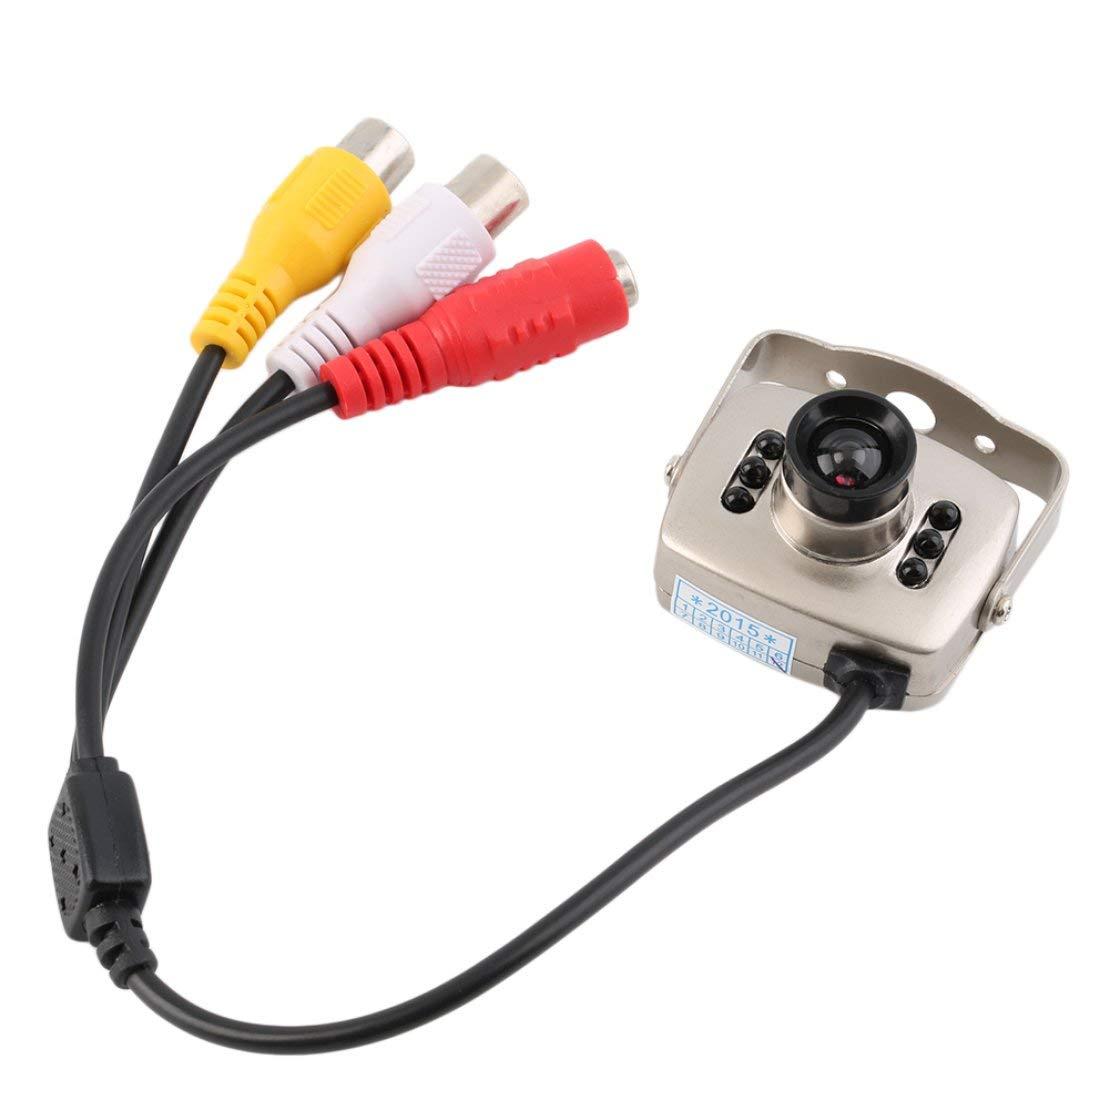 Silvery IR CCTV con cable Mini cá mara Seguridad Color de visió n nocturna Video grabador de infrarrojos Fá cil instalació n de alta definició n Laurelmartina